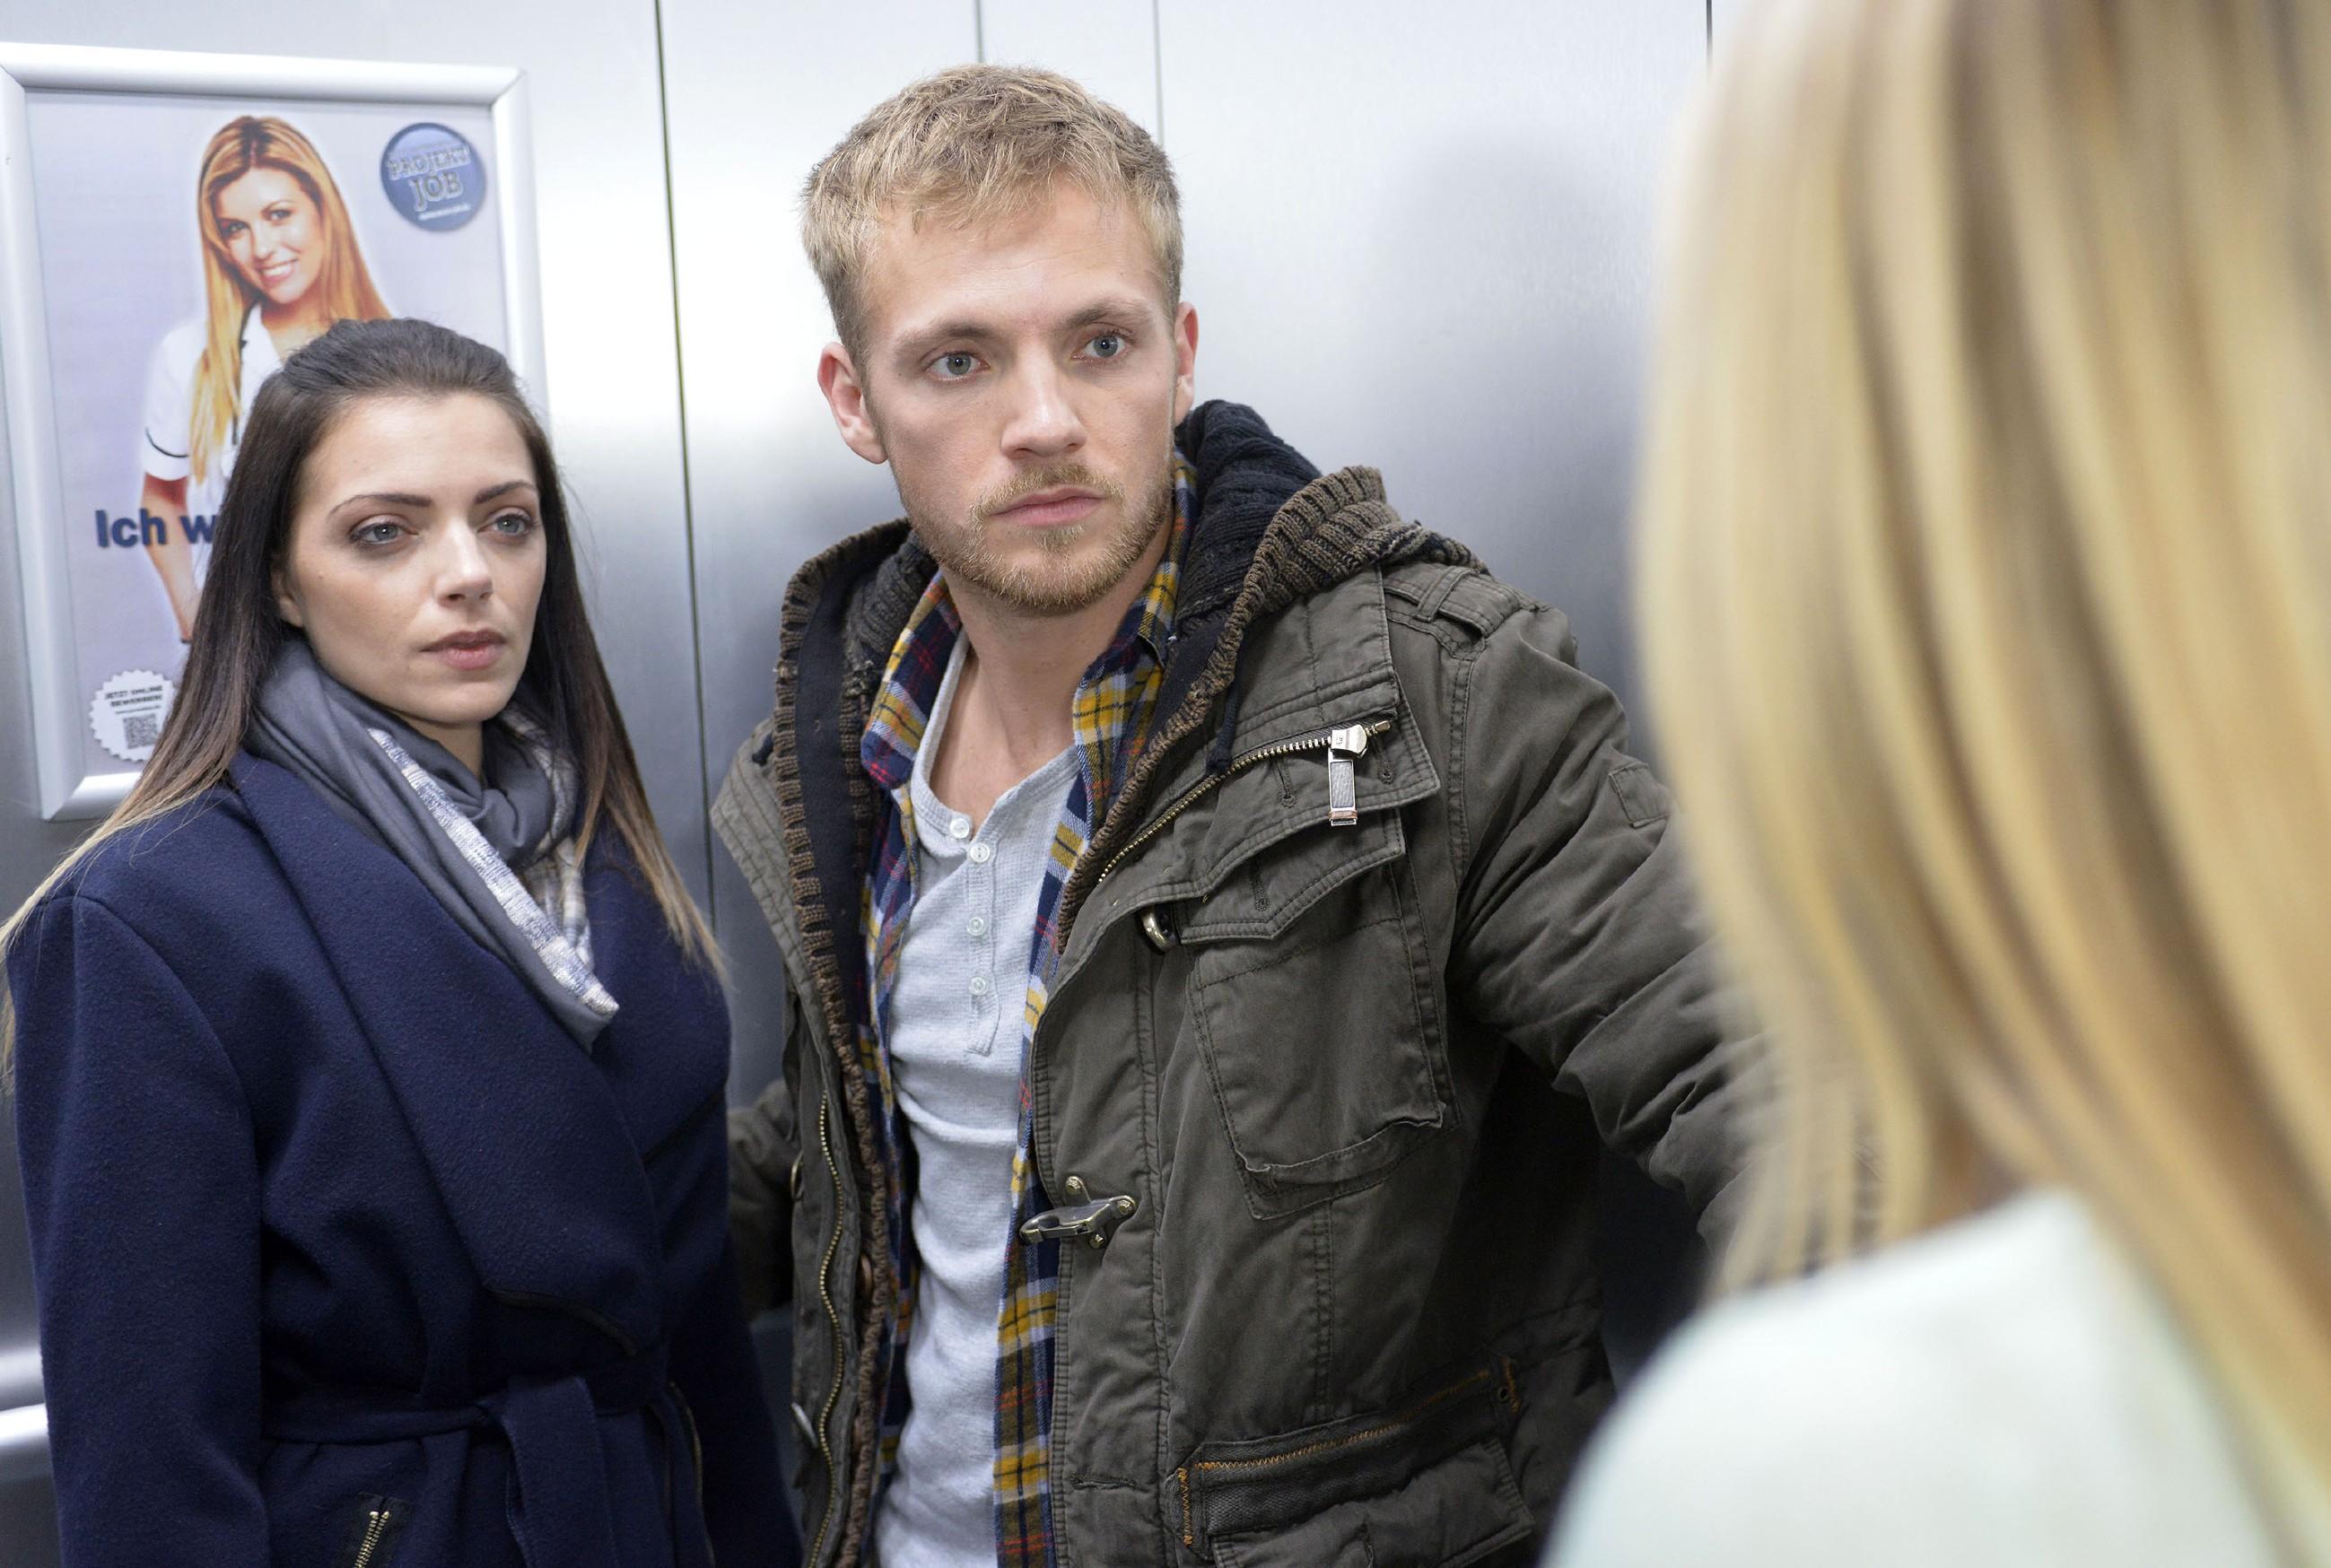 Der nahe Moment zwischen Emily (Anne Menden) und Paul (Niklas Osterloh) zerplatzt, als sie in die Realität zurückgeholt werden. (Quelle: RTL / Rolf Baumgartner)